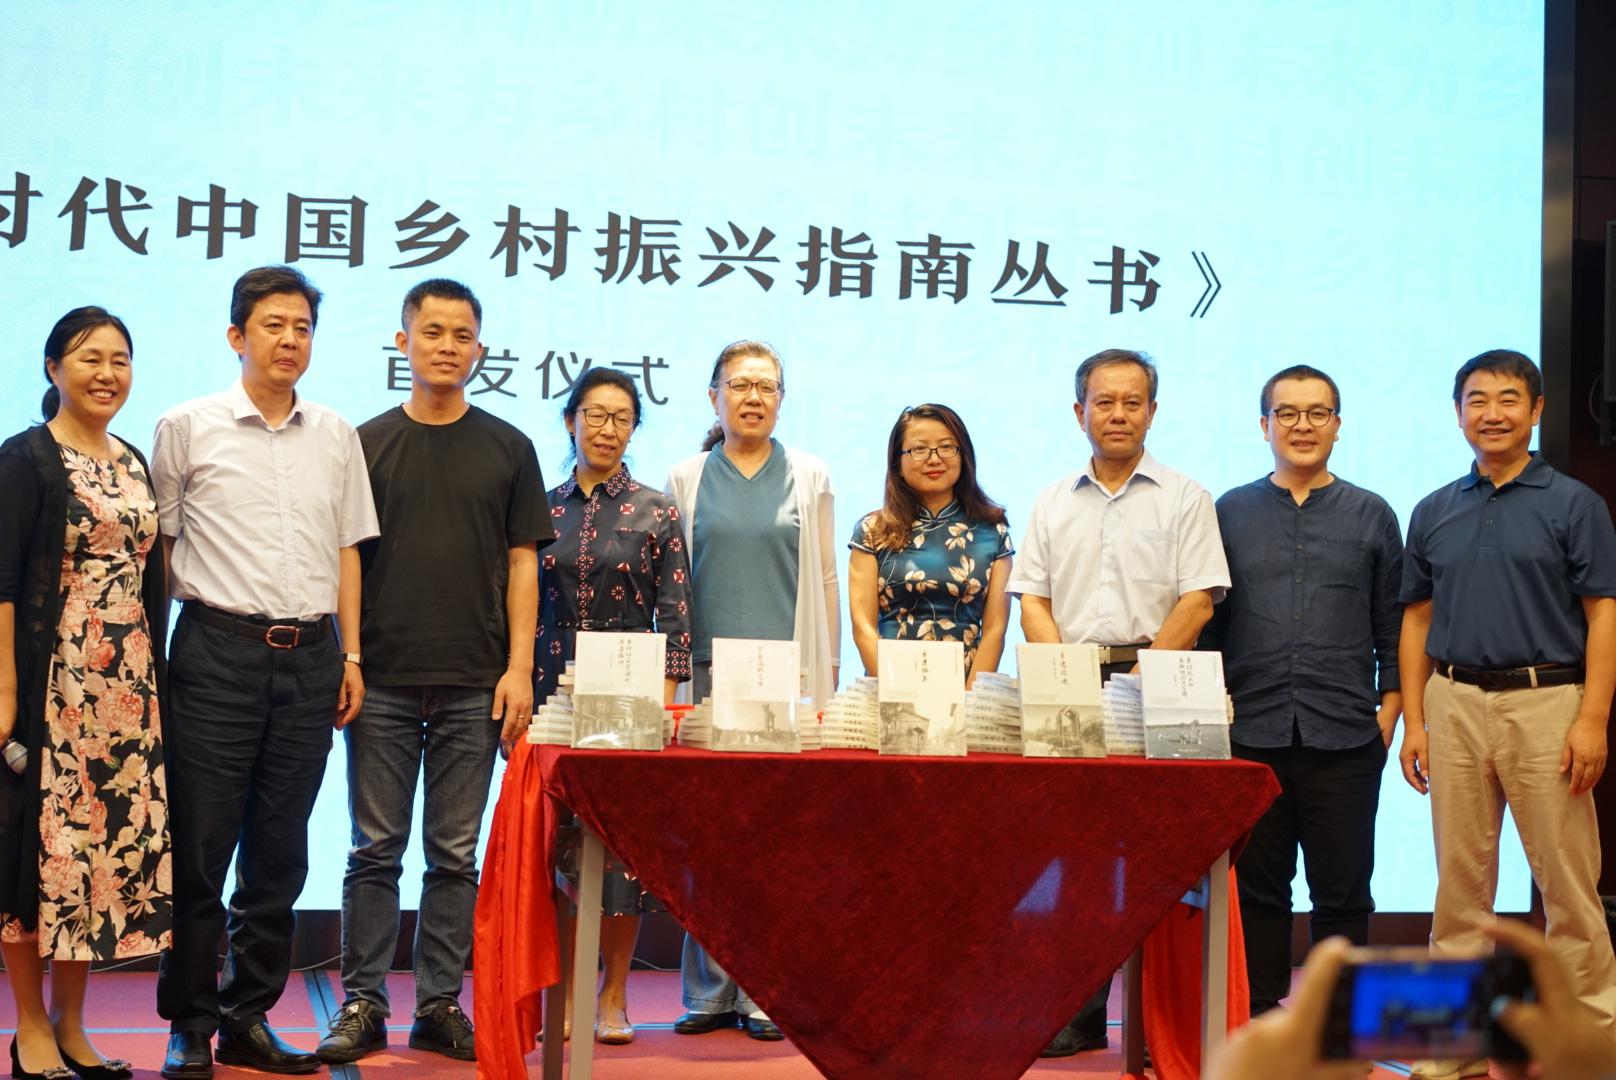 http://www.bjhexi.com/guonaxinwen/1360594.html